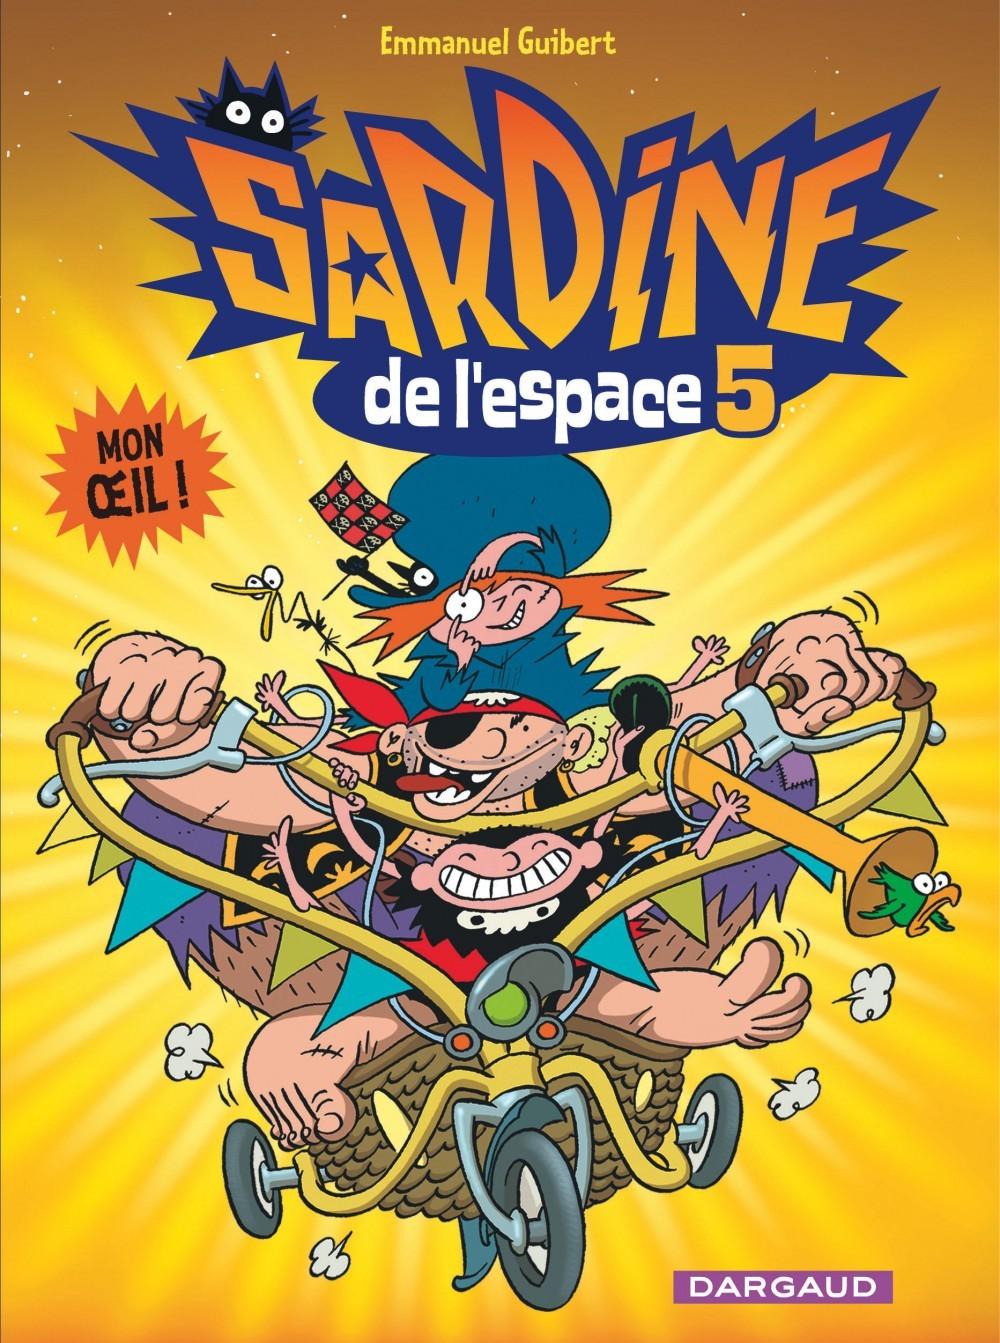 SARDINE DE L'ESPACE - TOME 5 - MON OEIL !